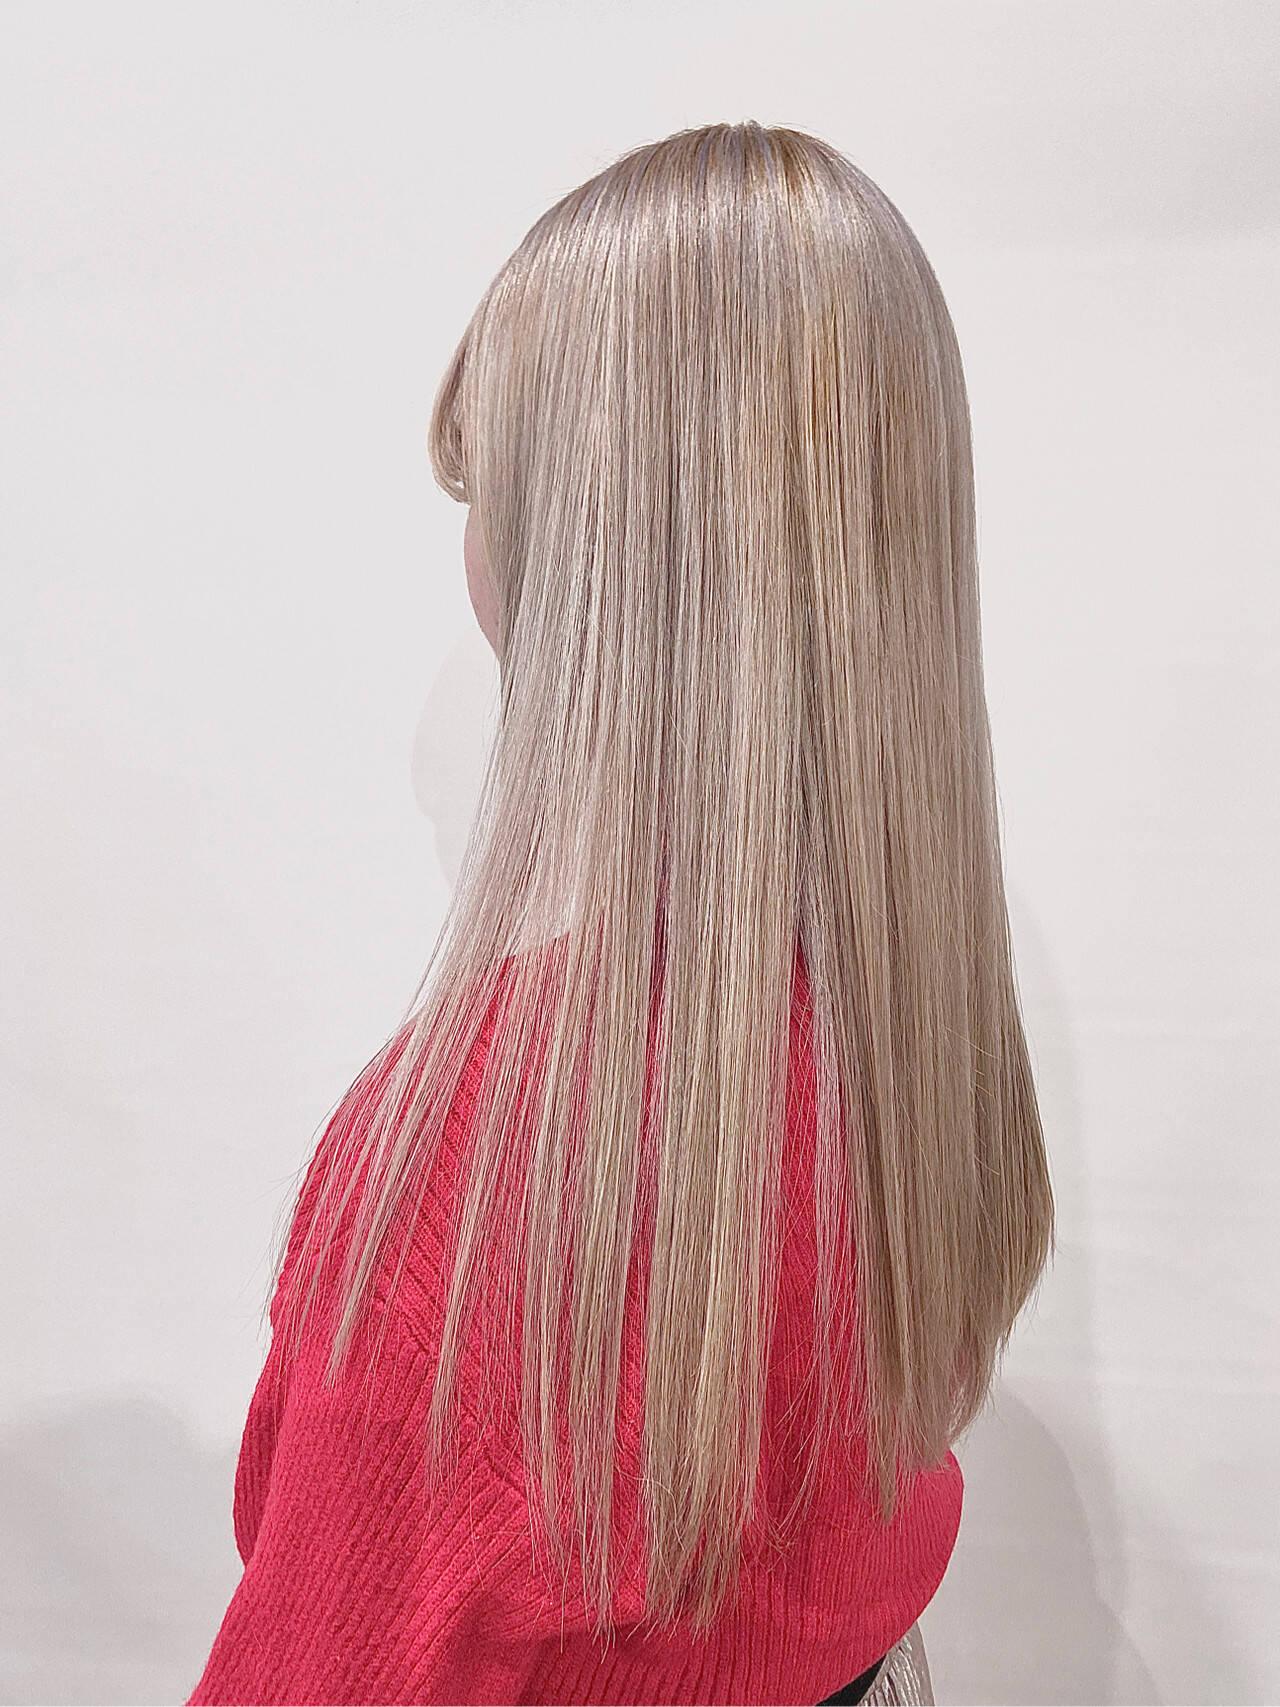 ロング ホワイト ホワイトグレージュ ホワイトカラーヘアスタイルや髪型の写真・画像